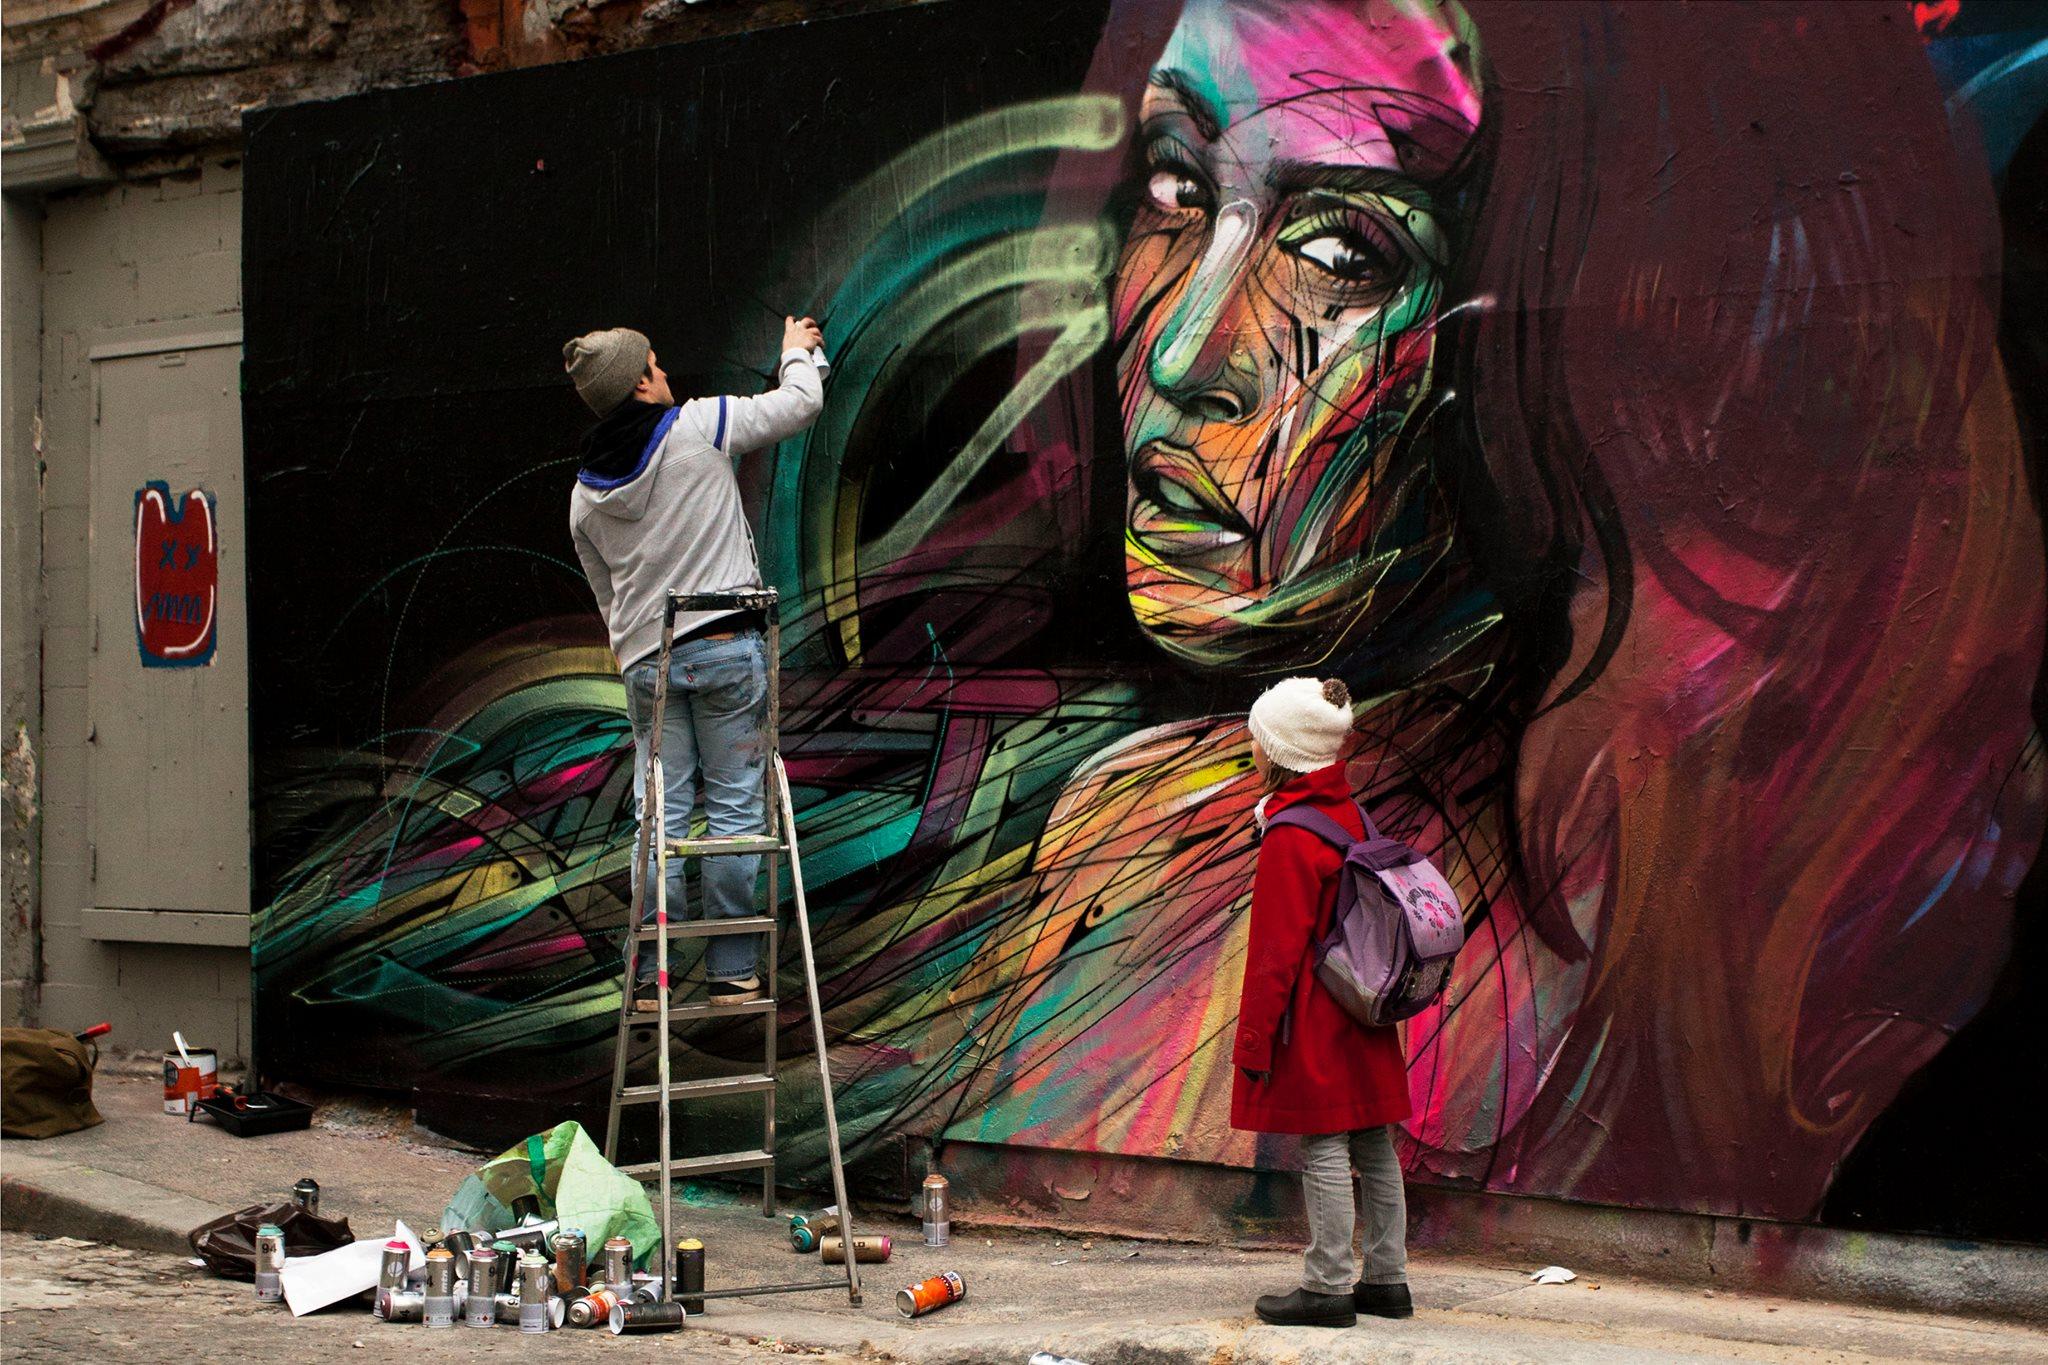 Hopare street artiste en voyage